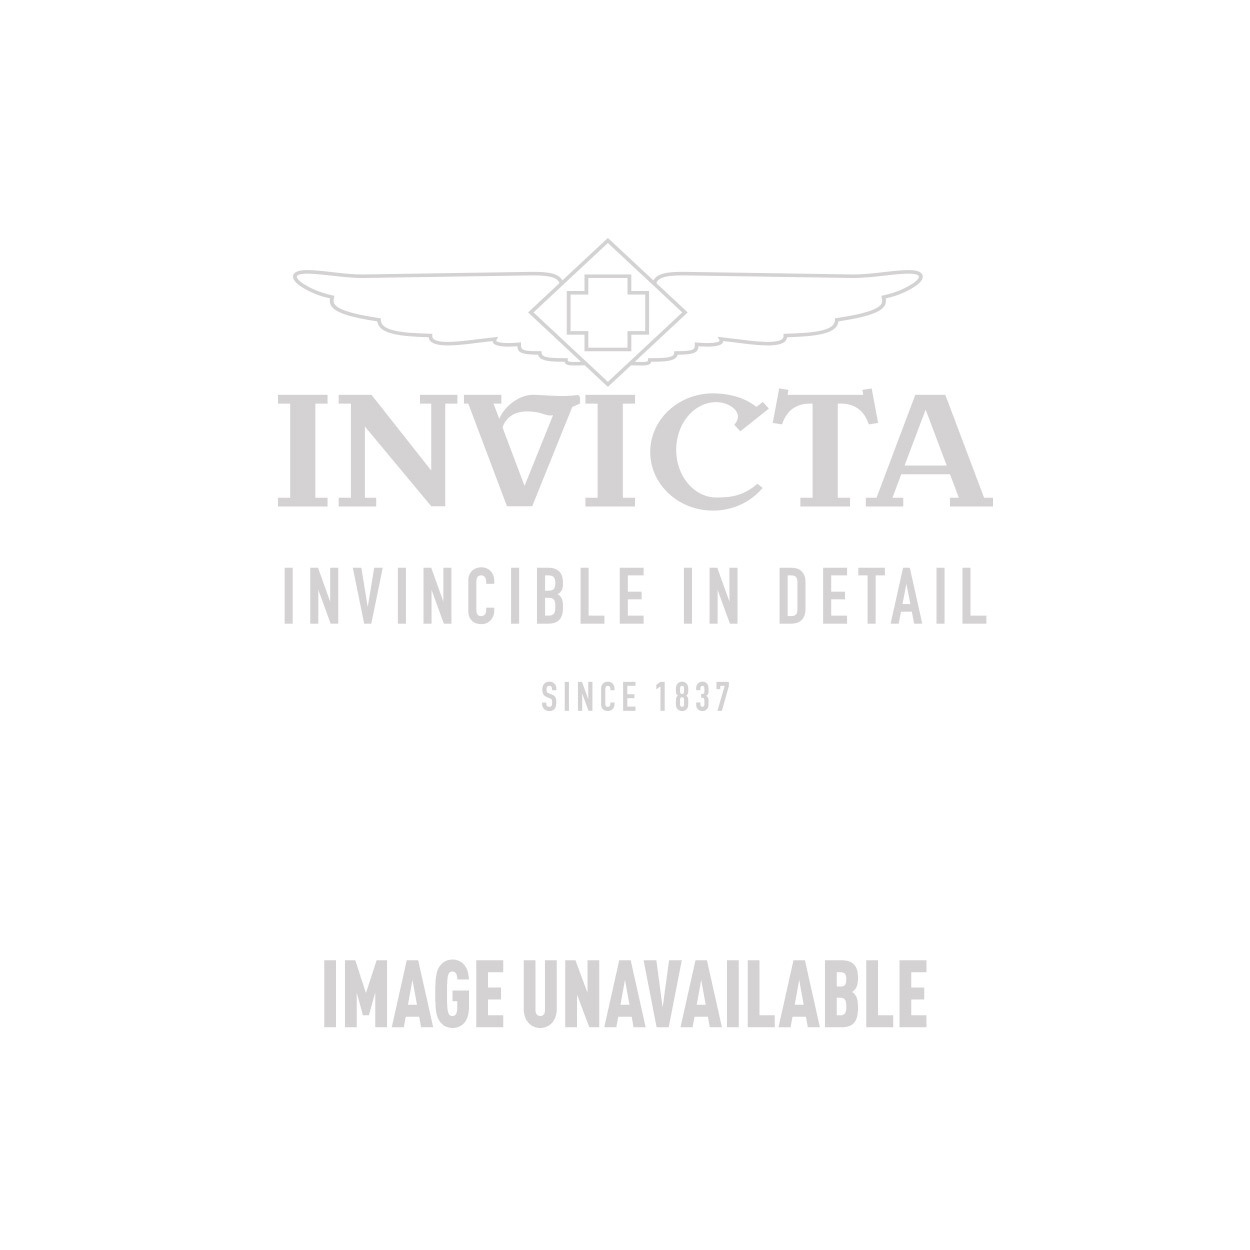 Invicta Model 29122